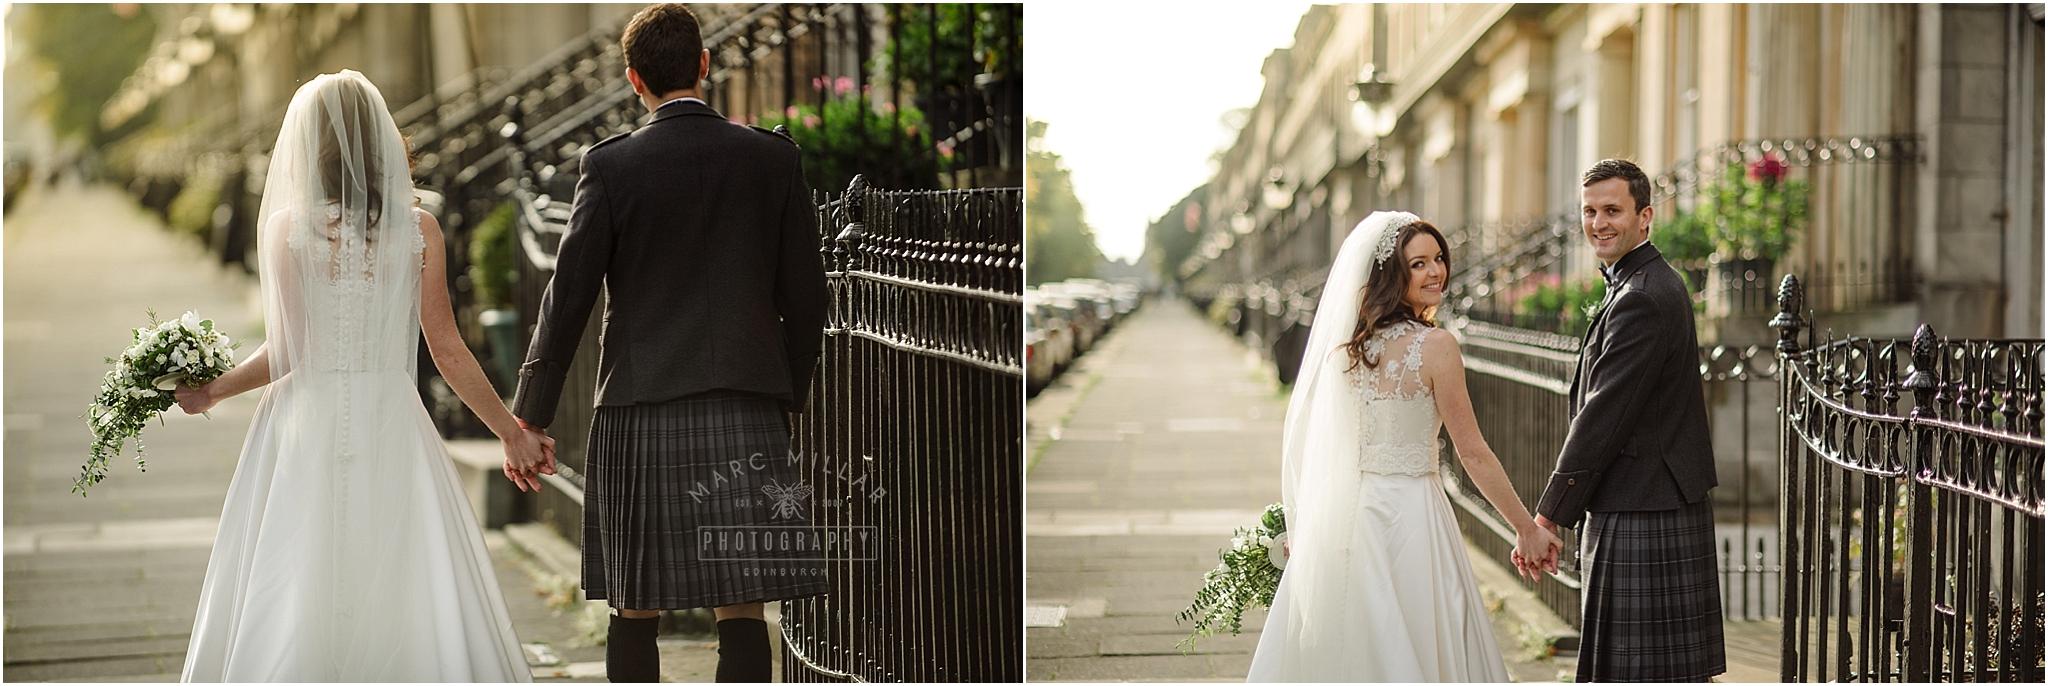 The Balmoral Wedding Photos _019.jpg